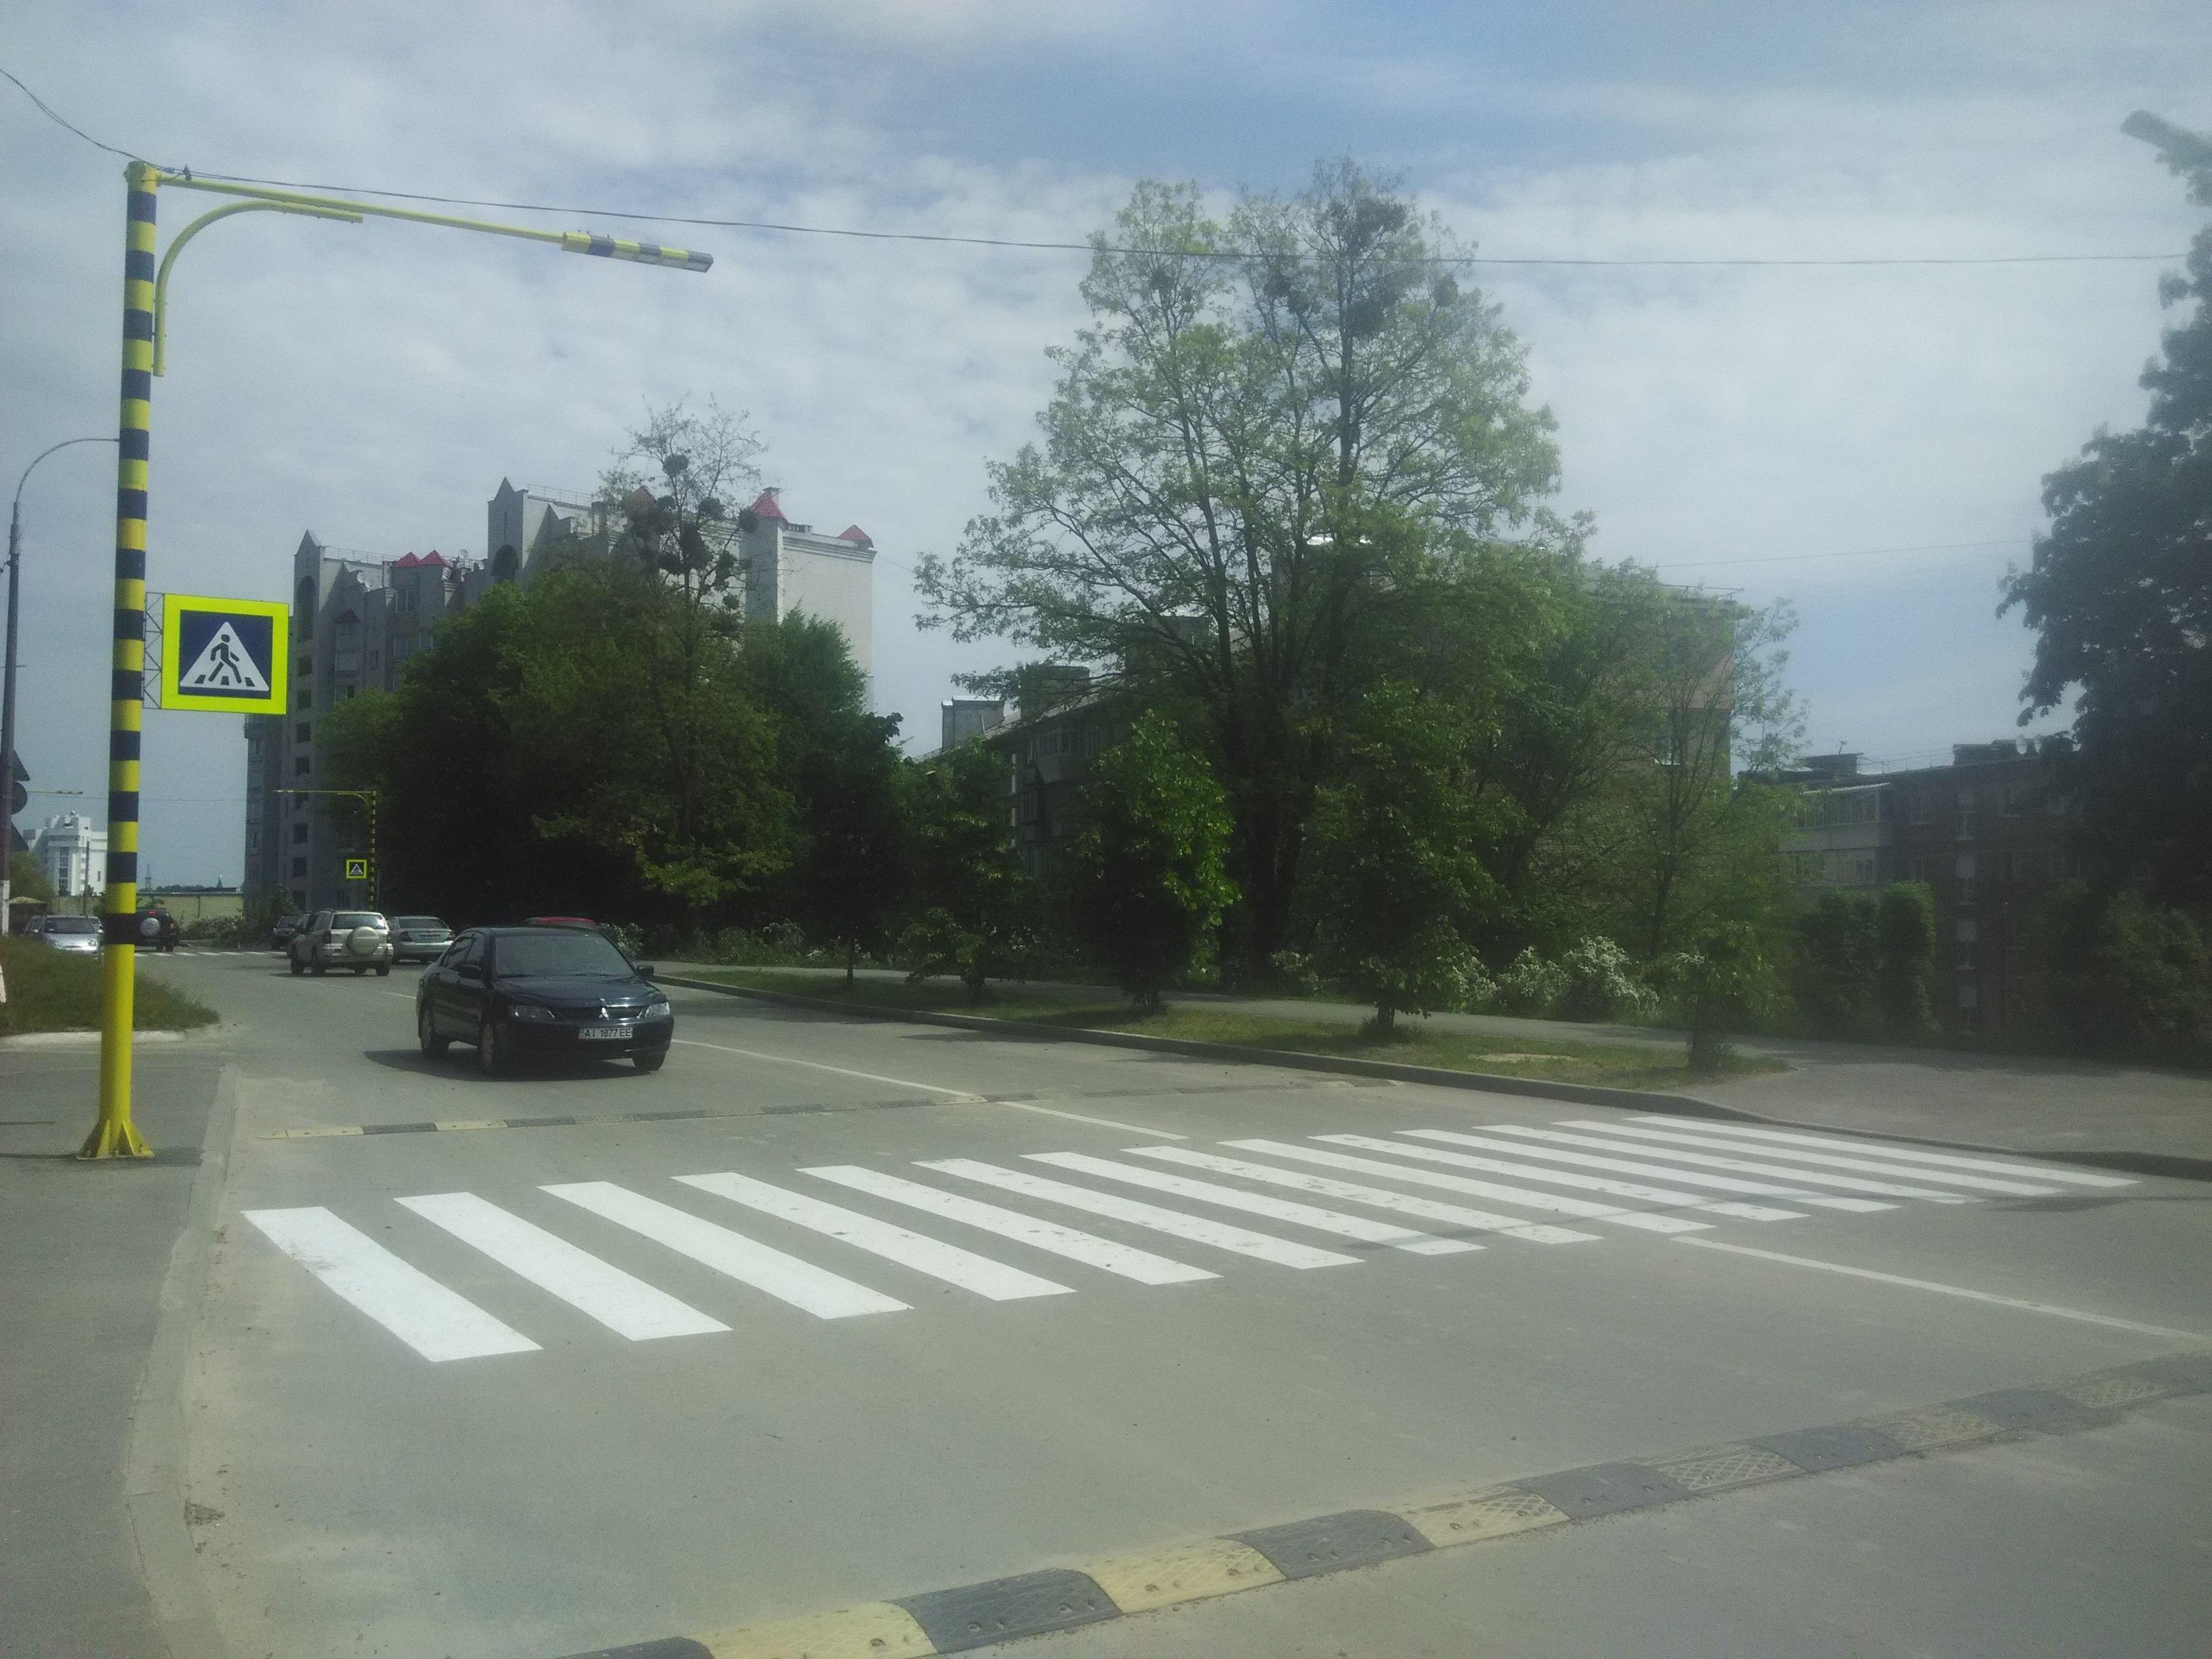 Вишгородські дороги: перше місце в обласному рейтингу, але потребують вдосконалення - стан доріг, ремонтні роботи, Ремонт, дороги, Вишгород - IMG 20180508 115015